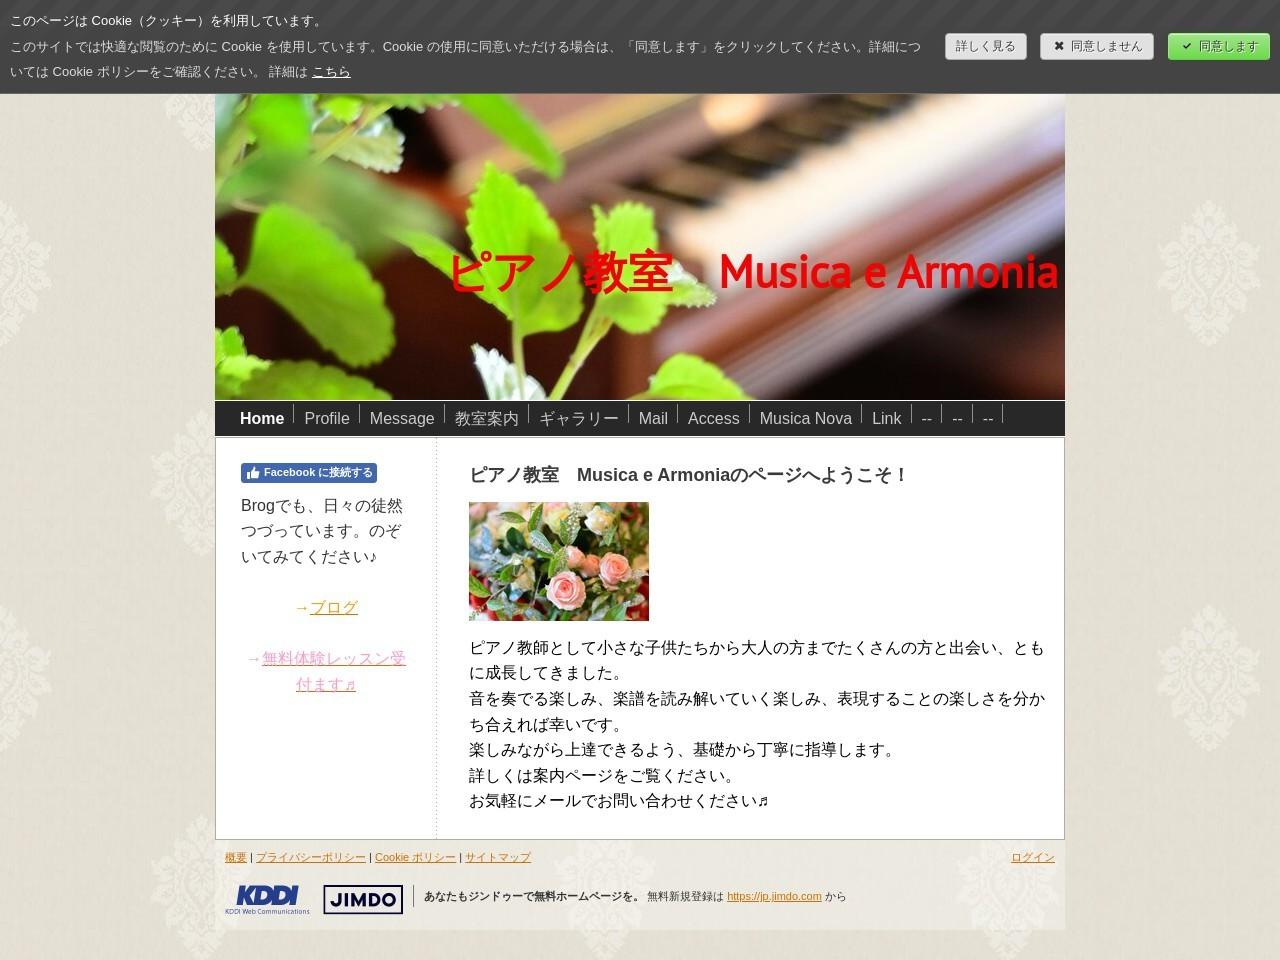 ピアノ教室Musica e Armonia(足立教室)のサムネイル